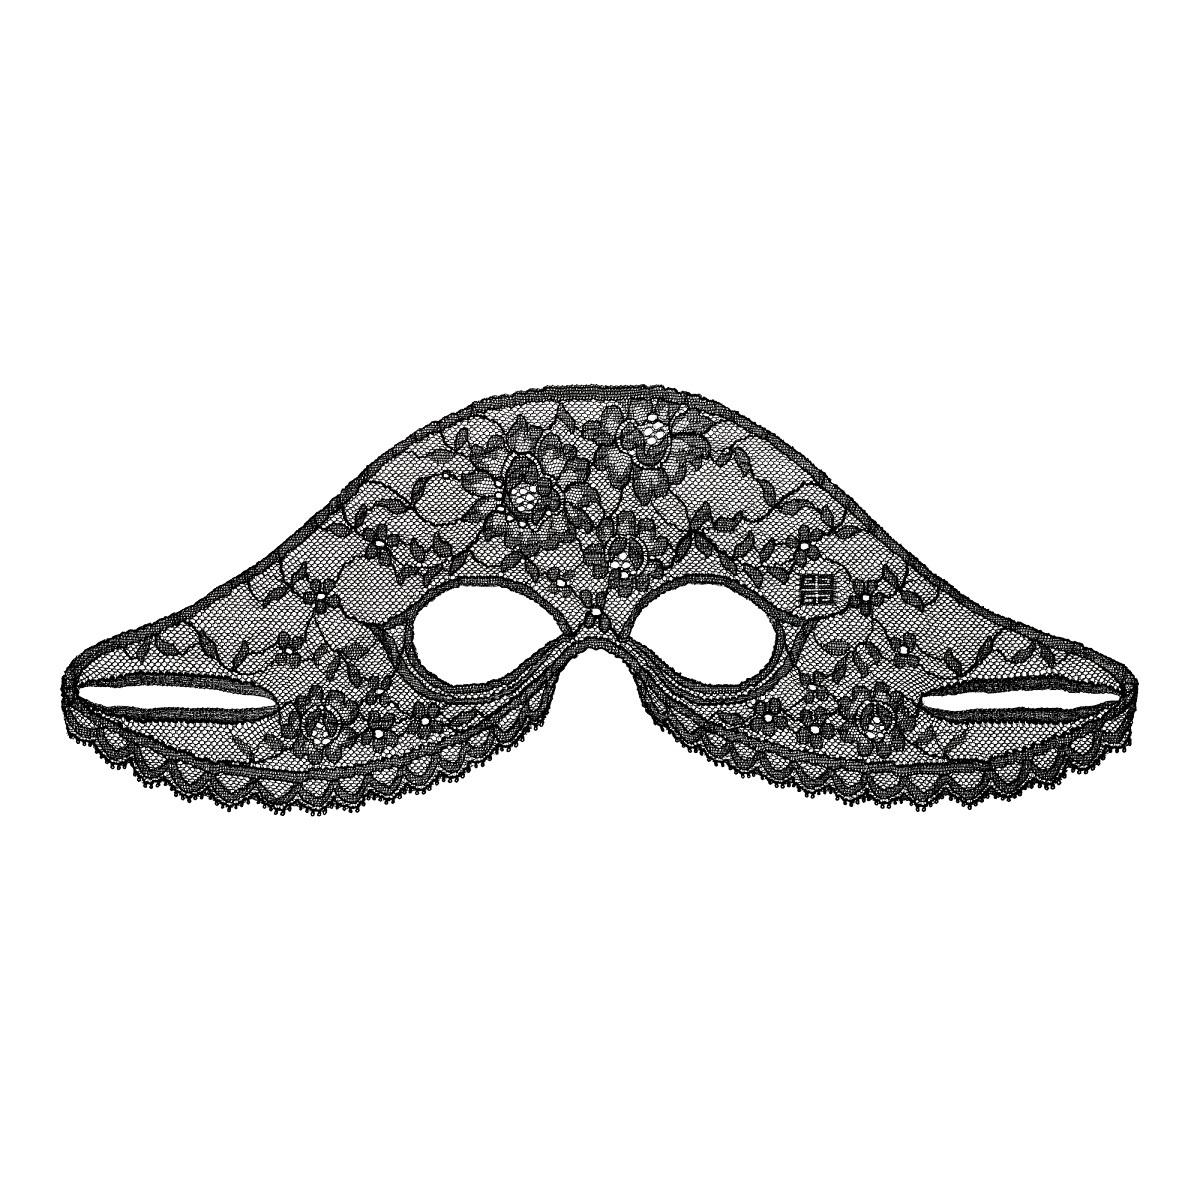 Mascarilla Le Soin Masque Dentelle Regard de Givenchy para el contorno de los ojos y el entrecejo.